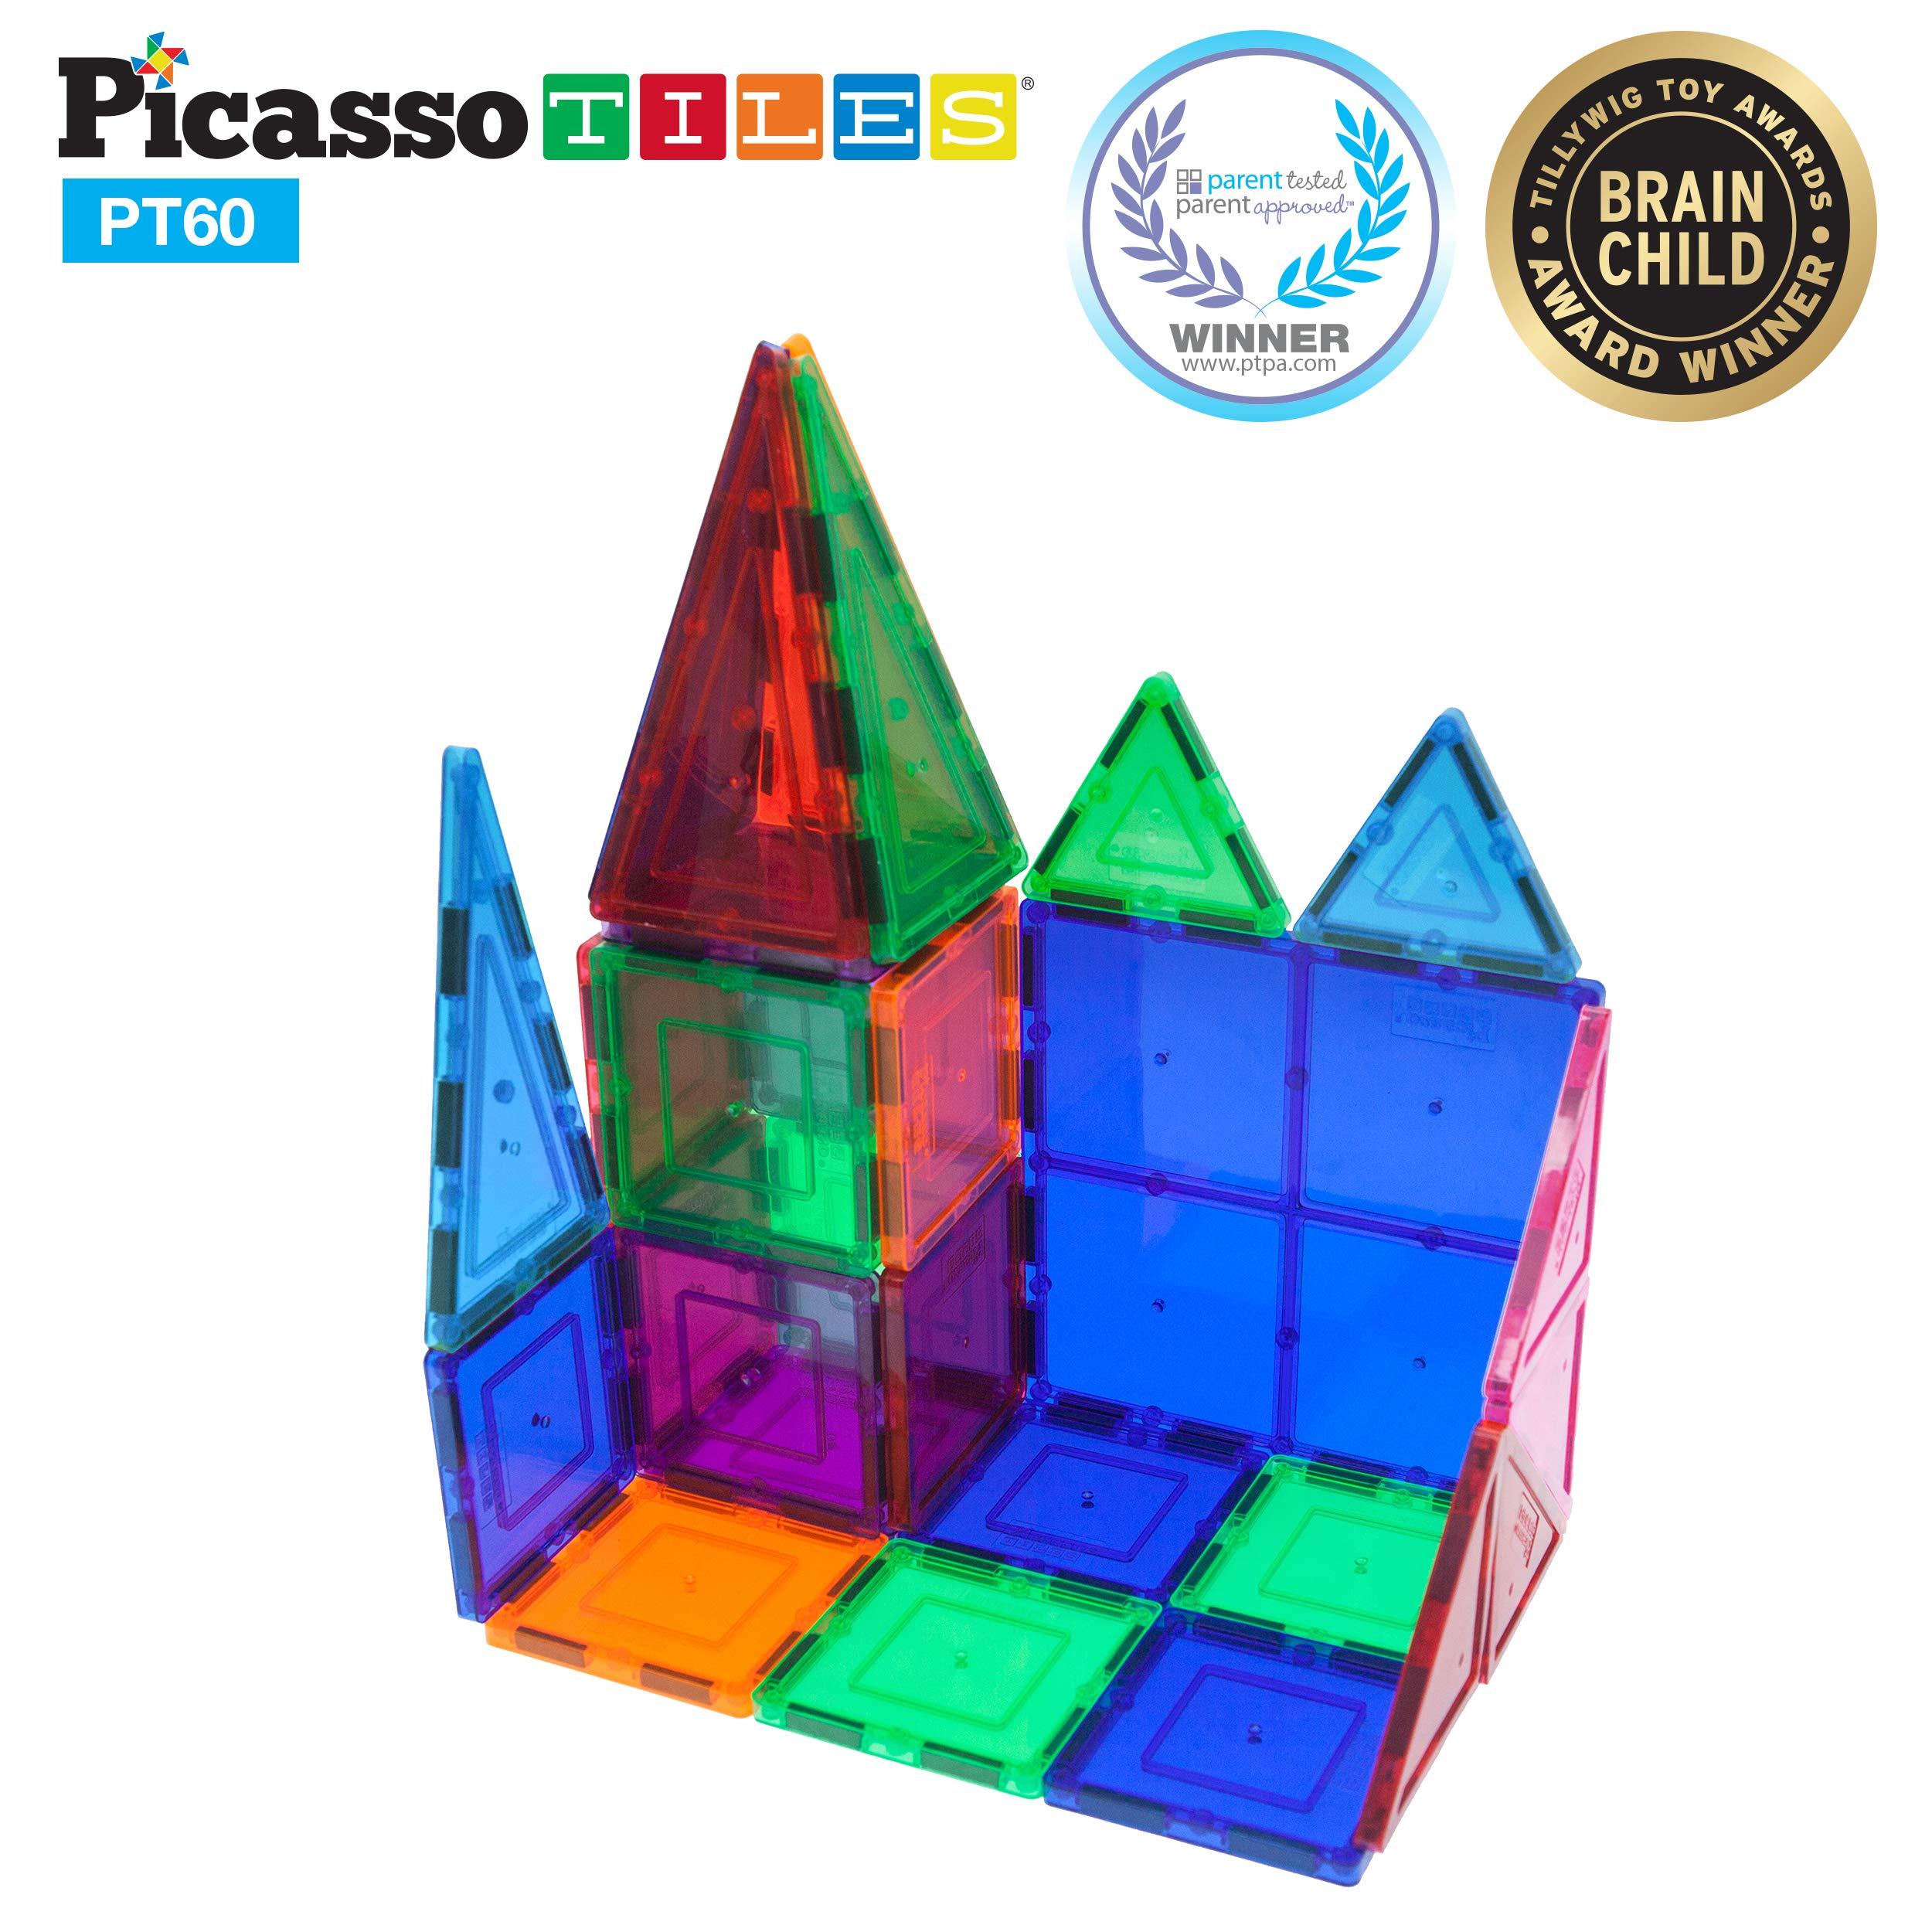 PicassoTiles 60 Piece Set 60pcs Magnet Building Tiles Clear Magnetic 3D Building Blocks Construction Playboards - Creativity beyond Imagination, Inspirational, Recreational, Educational, Conventional by Picasso Tiles